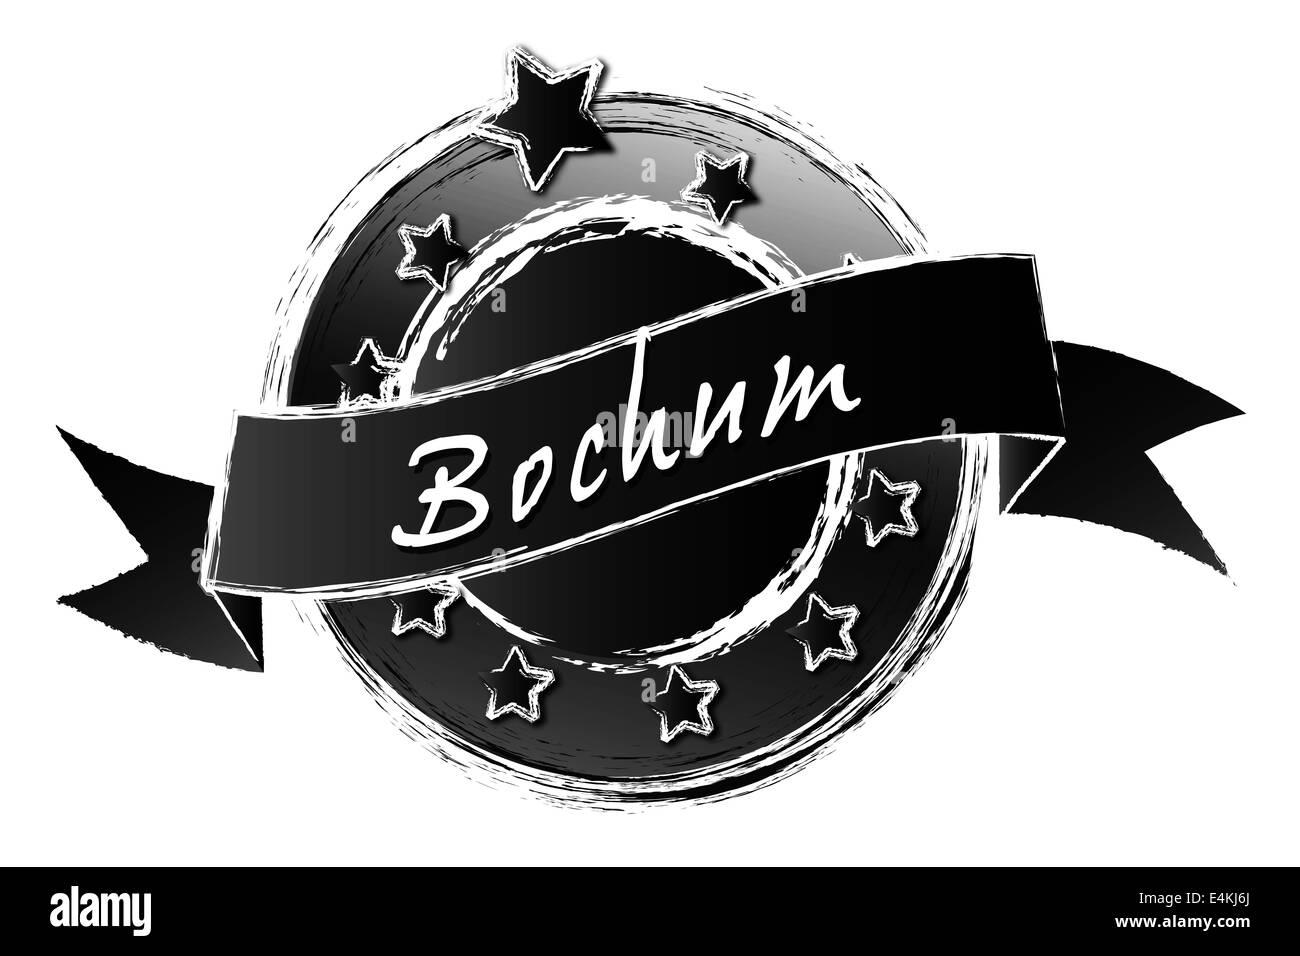 Royal Grunge - BOCHUM - Stock Image